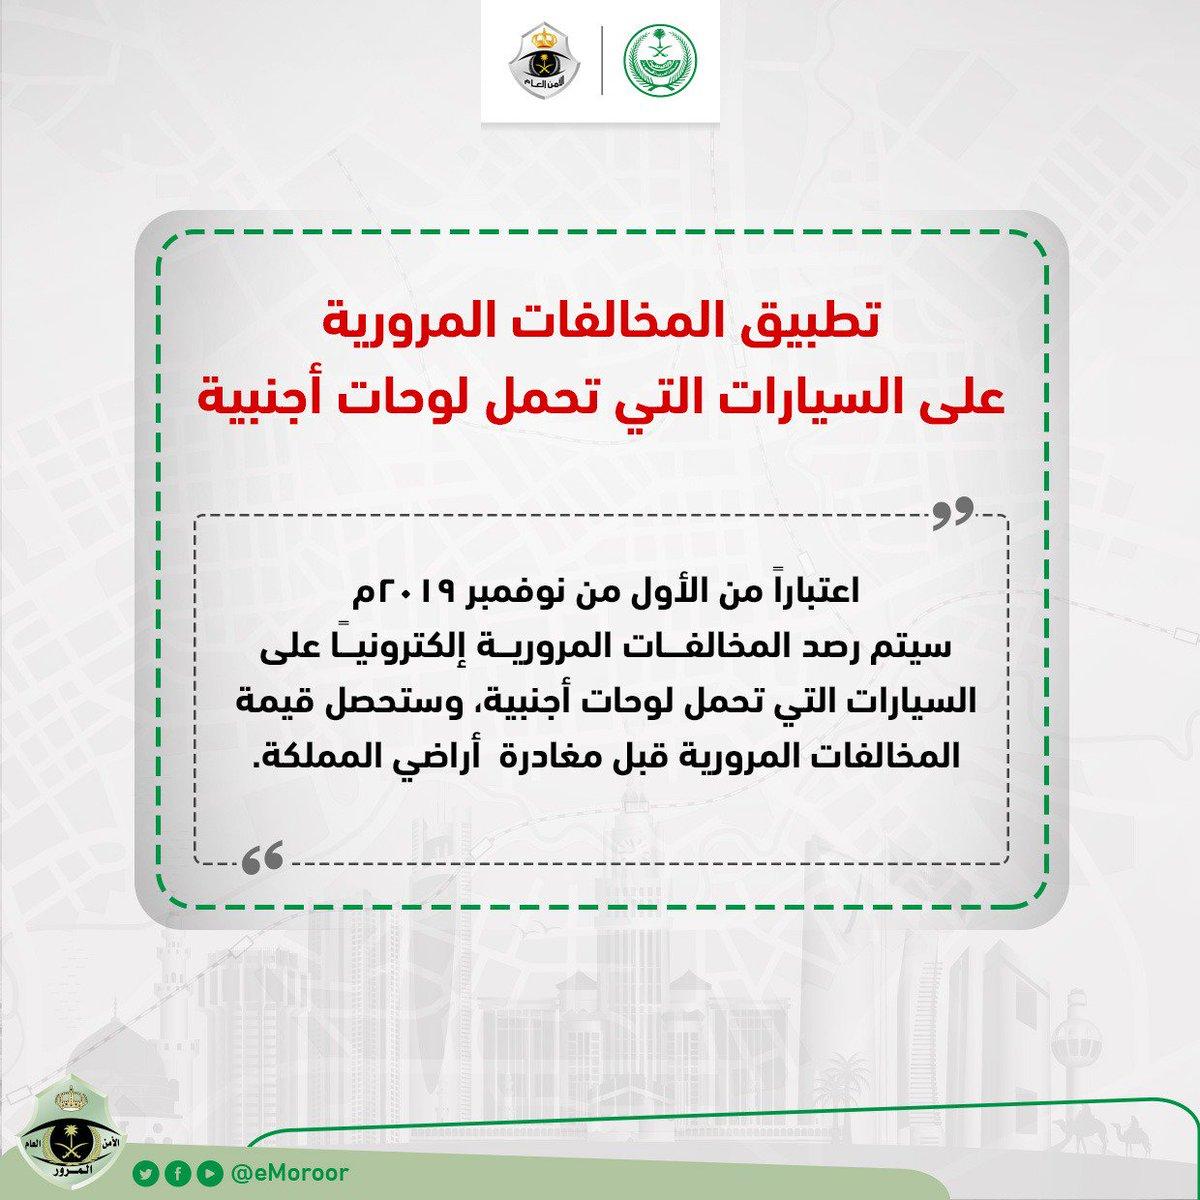 المرور السعودي On Twitter تطبيق المخالفات المرورية على السيارات التي تحمل لوحات أجنبية اعتبارا من الأول من نوفمبر ٢٠١٩م سيتم رصد المخالفات المرورية إلكتروني ا على السيارات التي تحمل لوحات أجنبية وستحصل قيمة